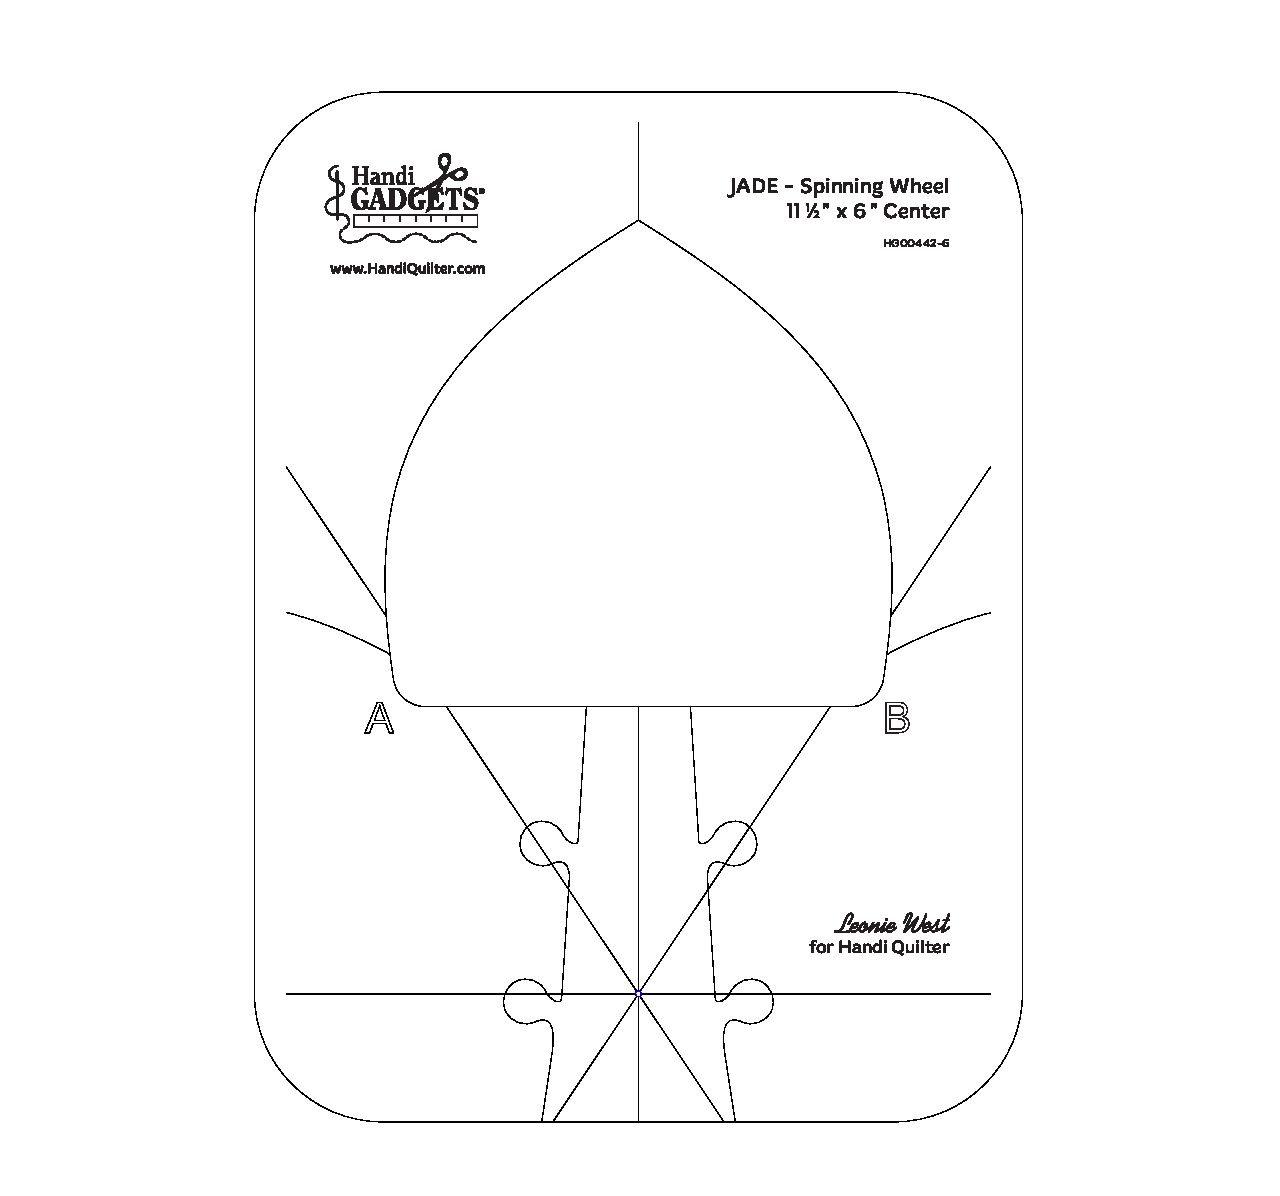 JADE - Spinning Wheel 11 x 6